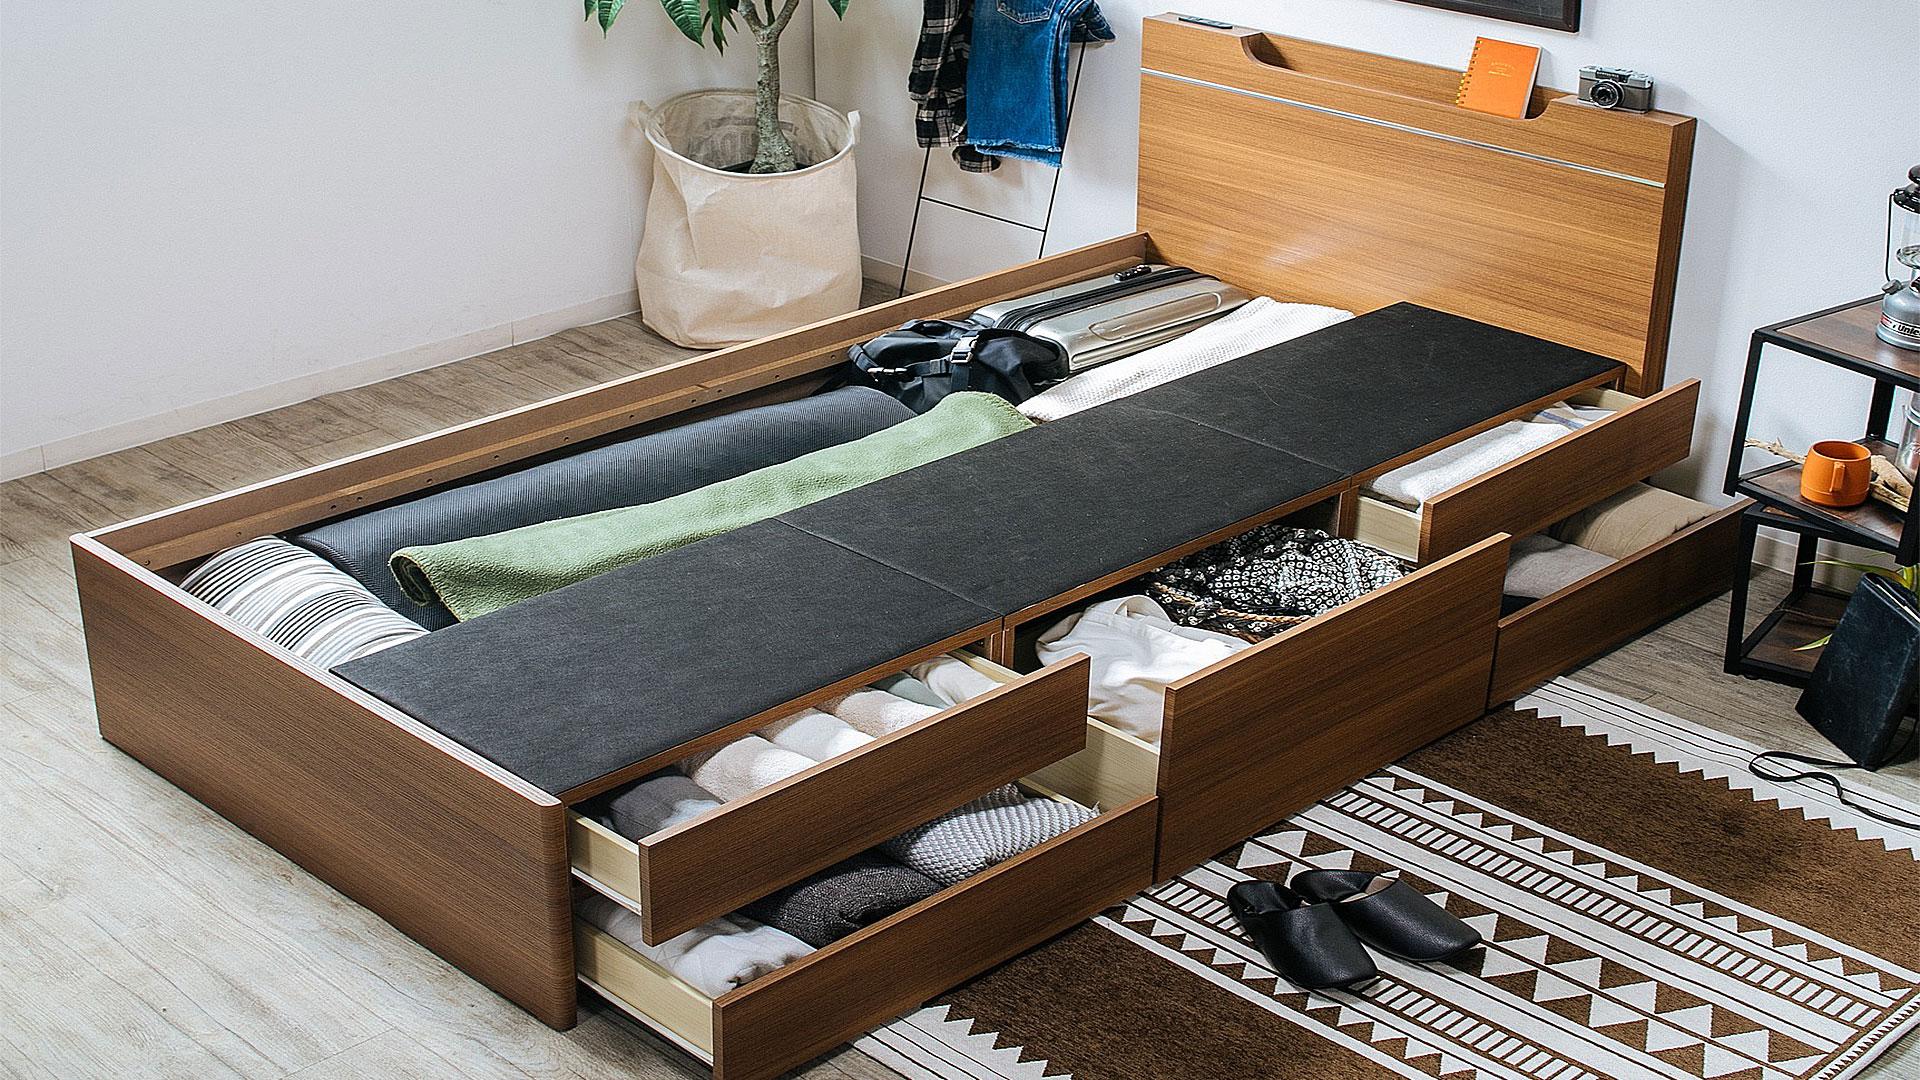 リビンズのベッドフレーム「グッデイ」のチェストベッドの画像